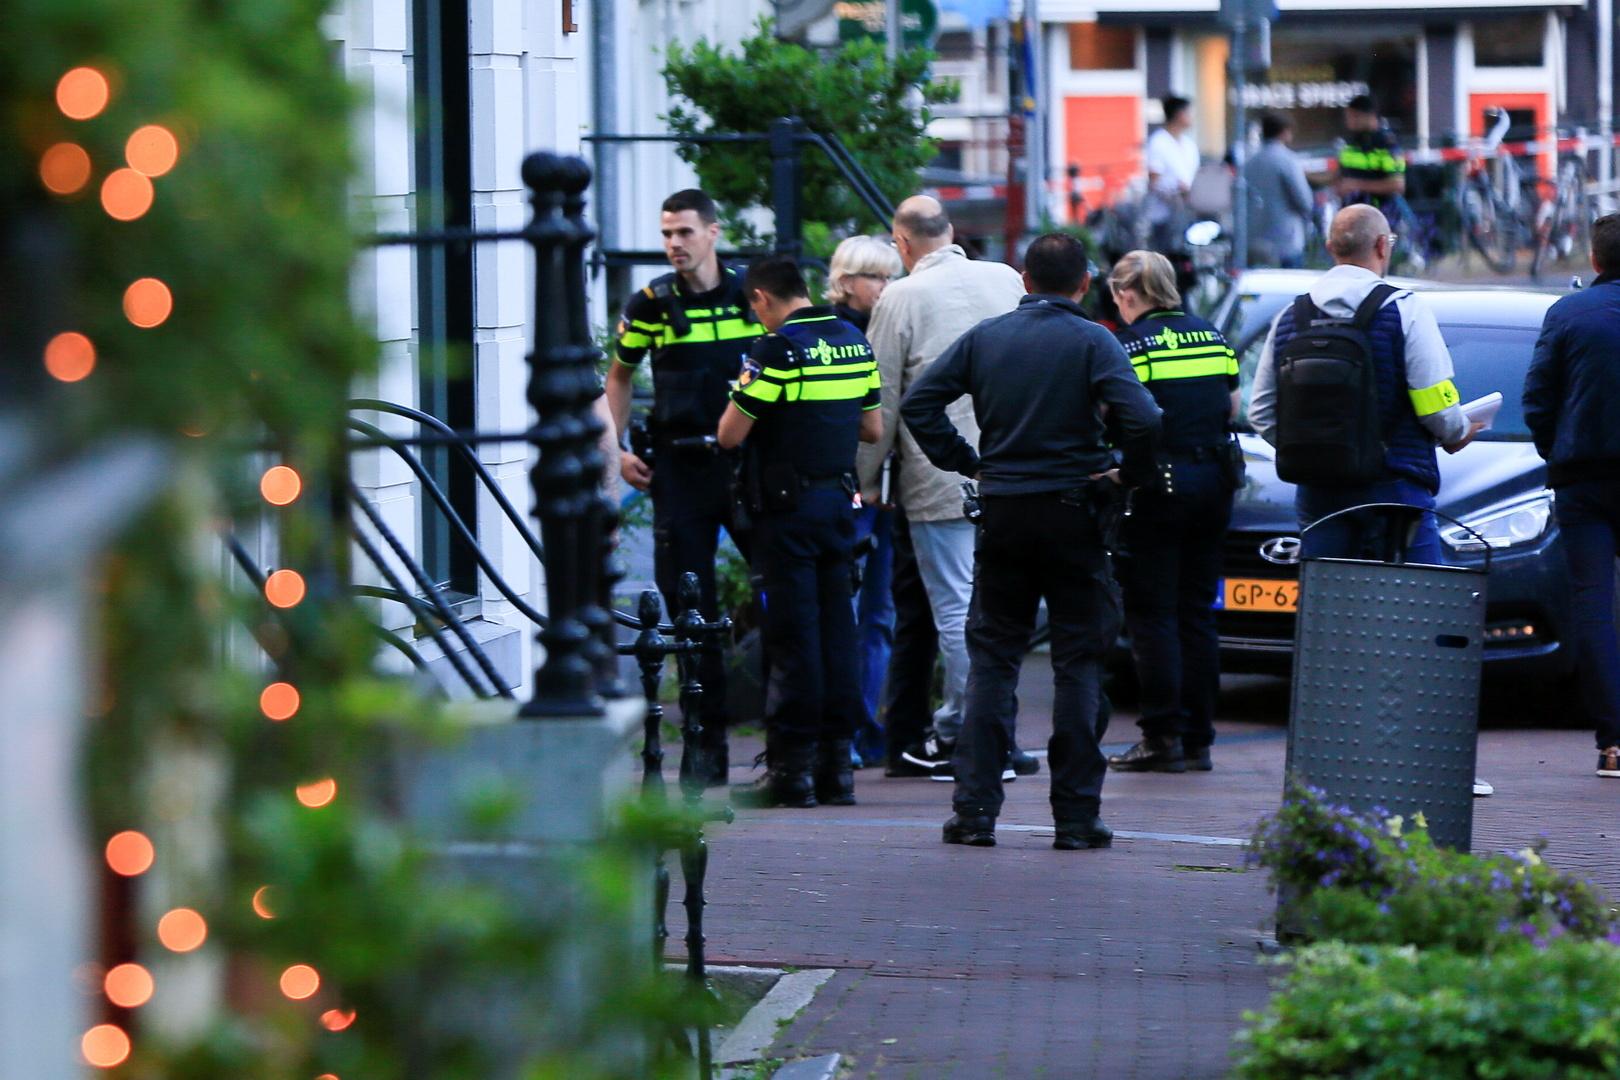 صحيفة: إصابة صحفي هولندي متخصص بتقصي الجرائم جراء إطلاق نار في أمستردام